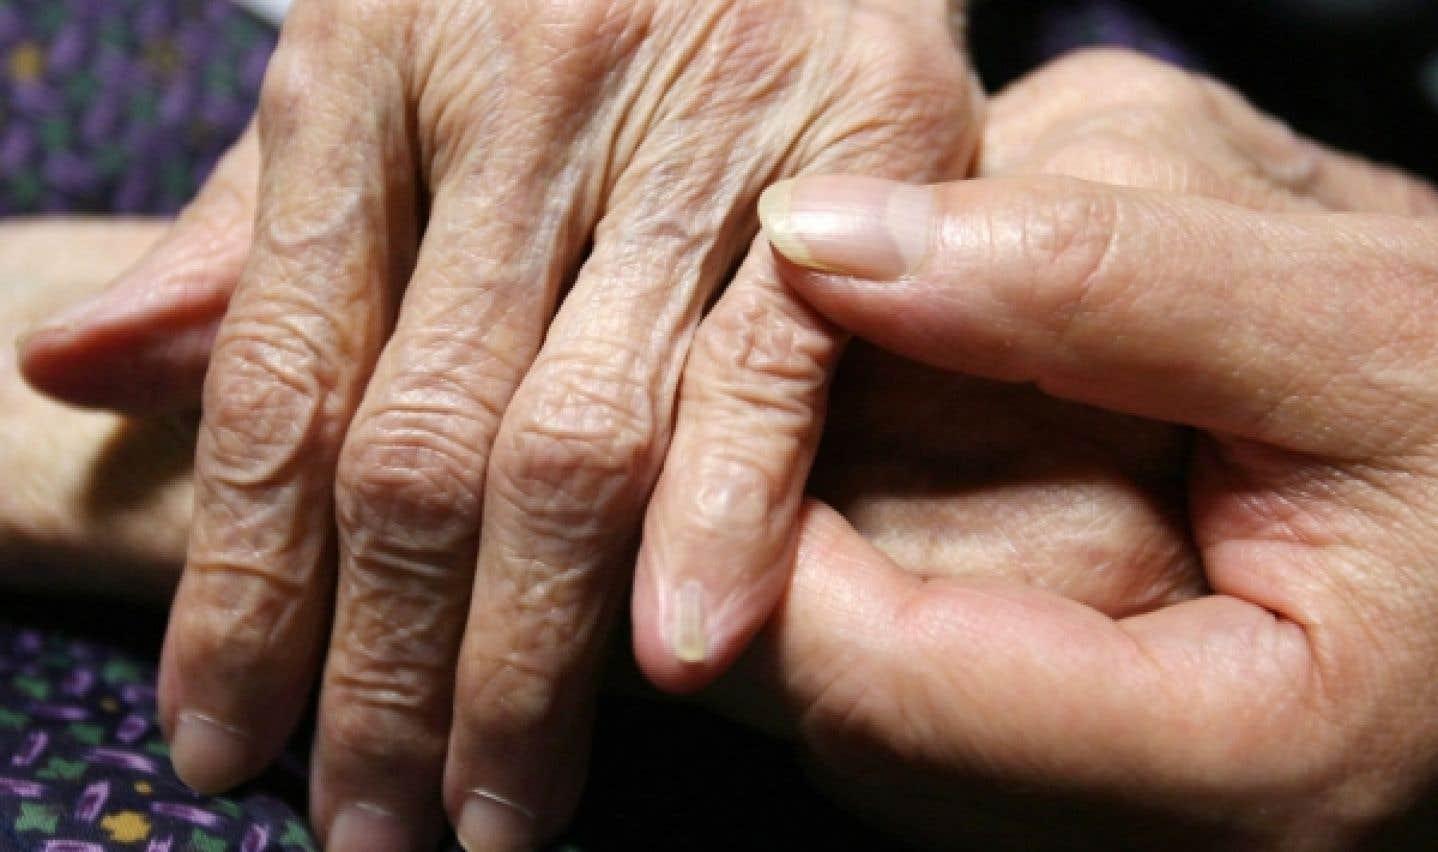 Les professionnels de la santé peuvent bénéficier d'une formation particulière pour accompagner des personnes âgées en situation de fin de vie.